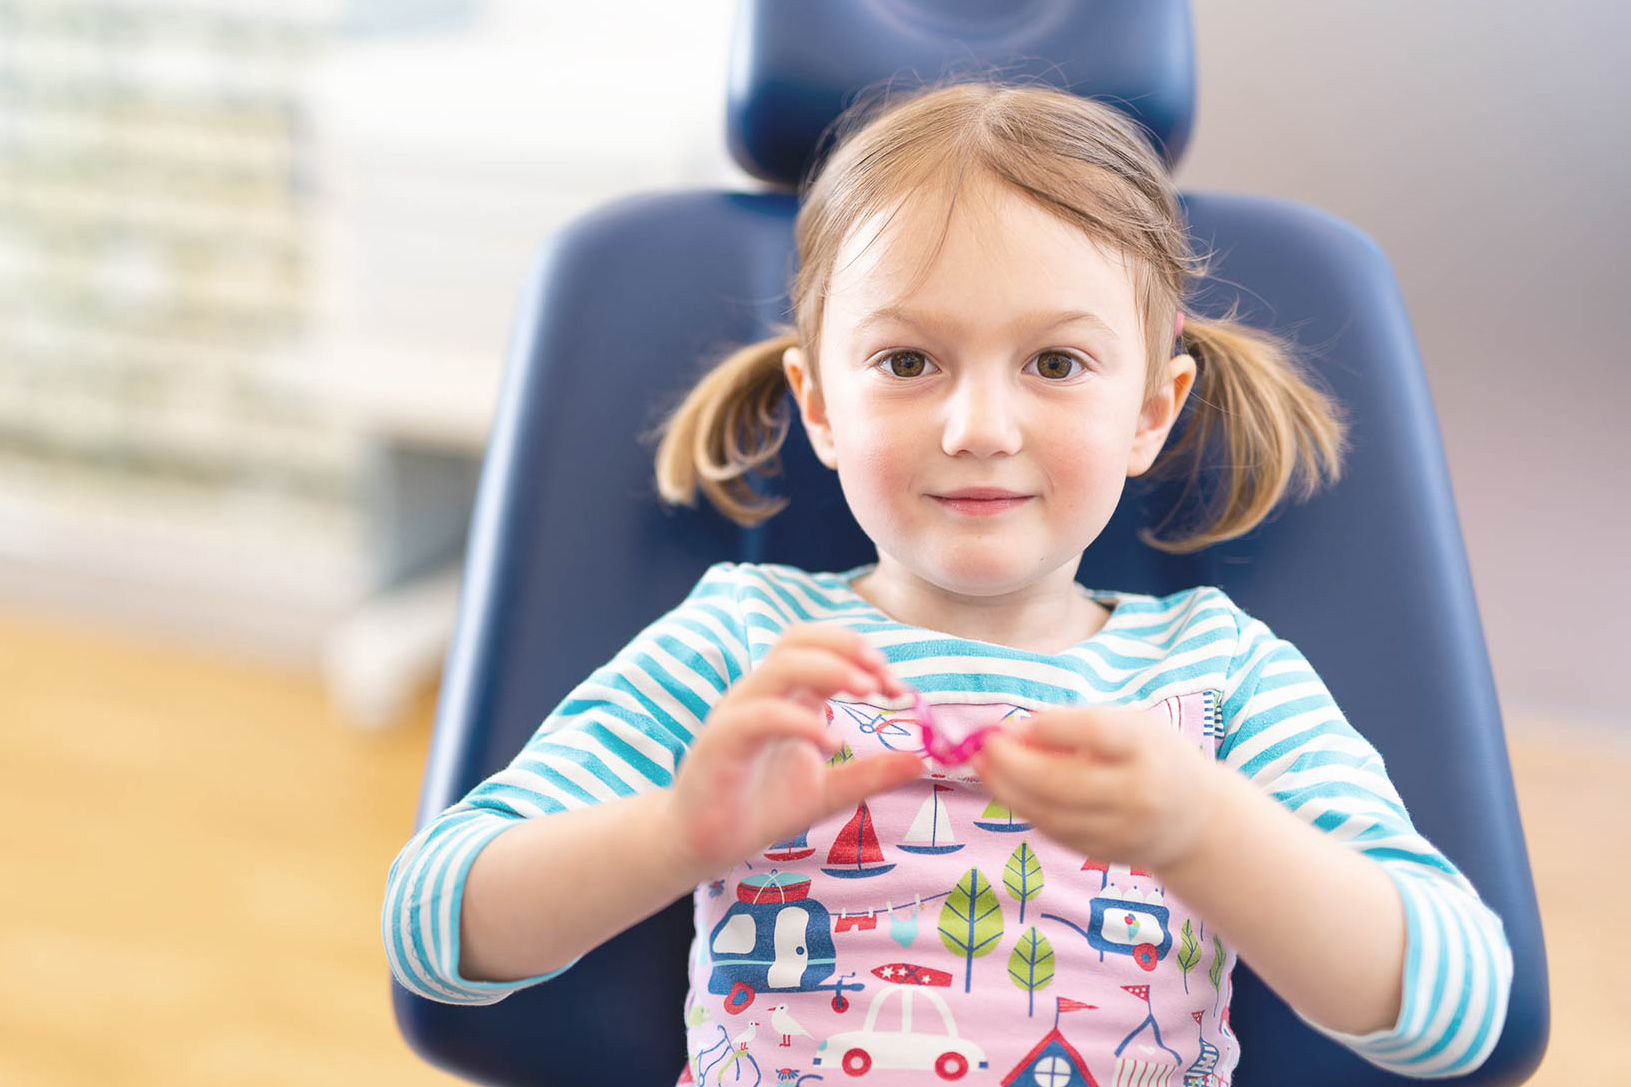 Praxis Gartenallee - Kieferorthopädie für Kinder